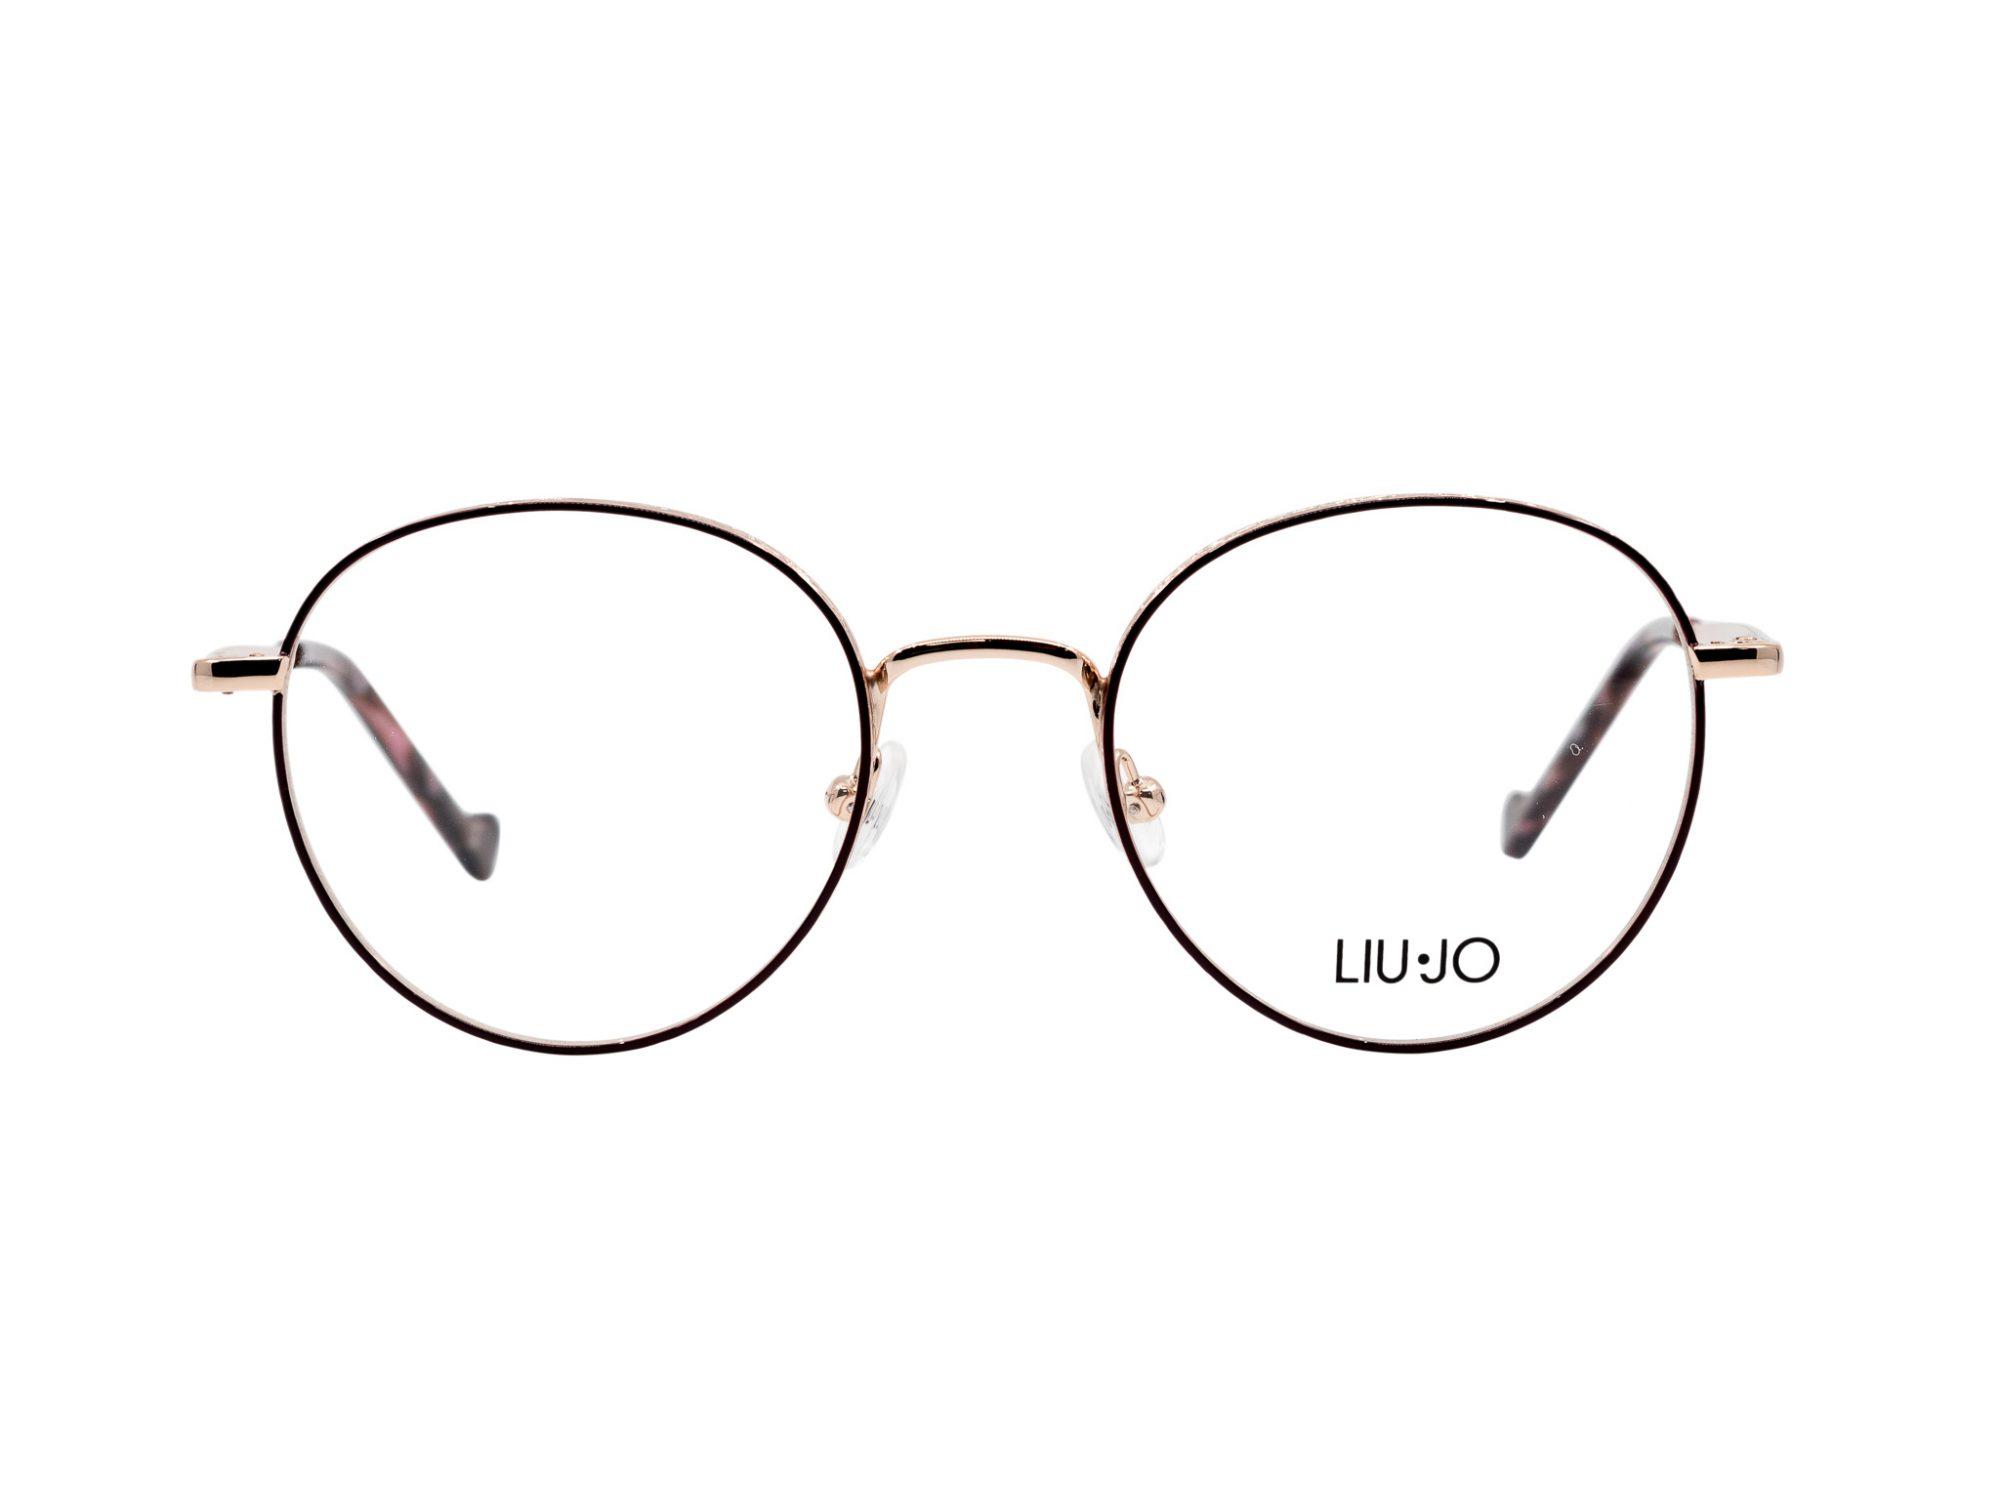 LiuJo LJ2147 721